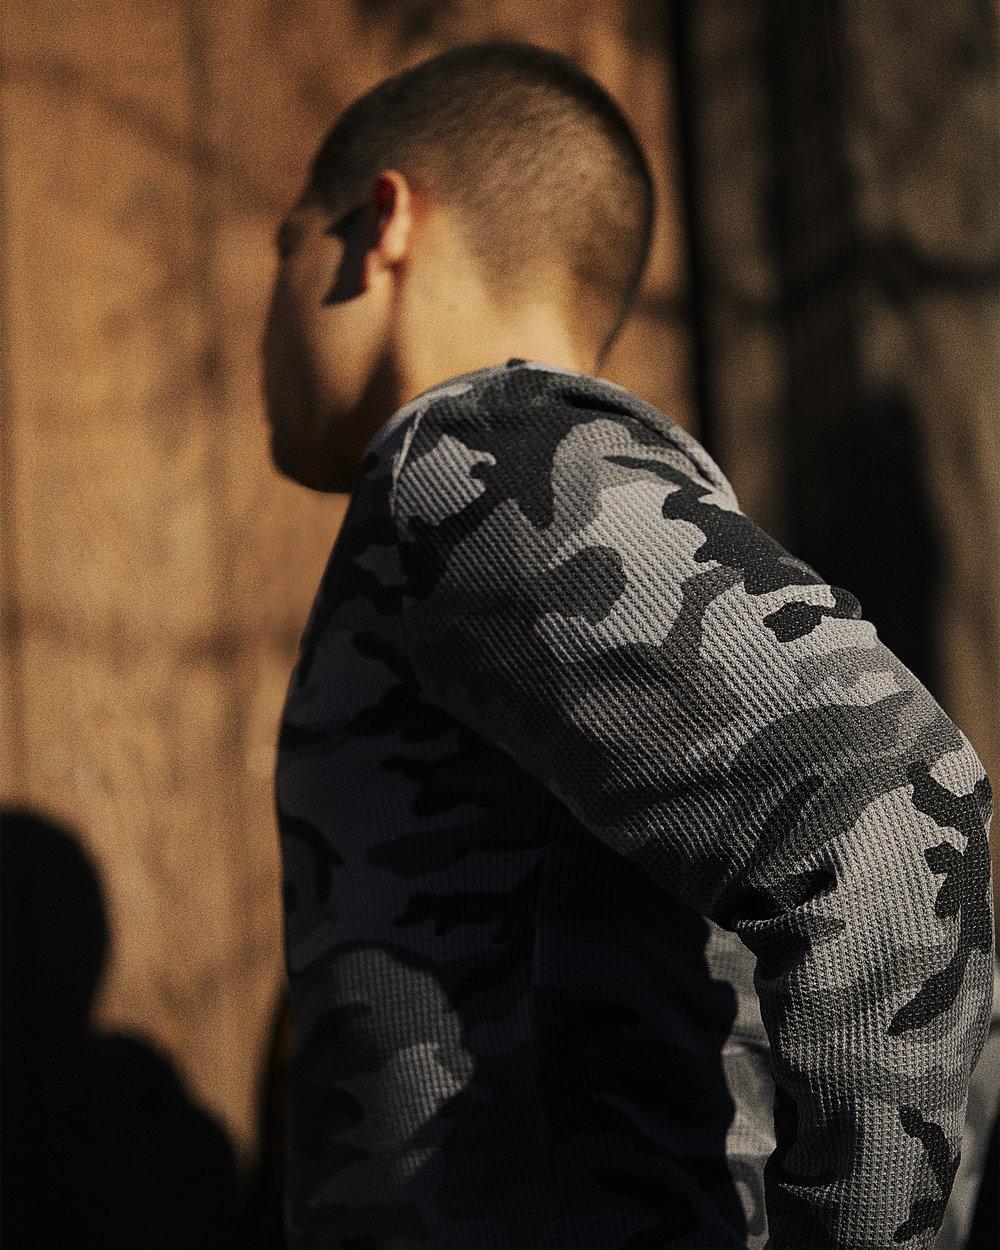 Camo_Boy.jpg